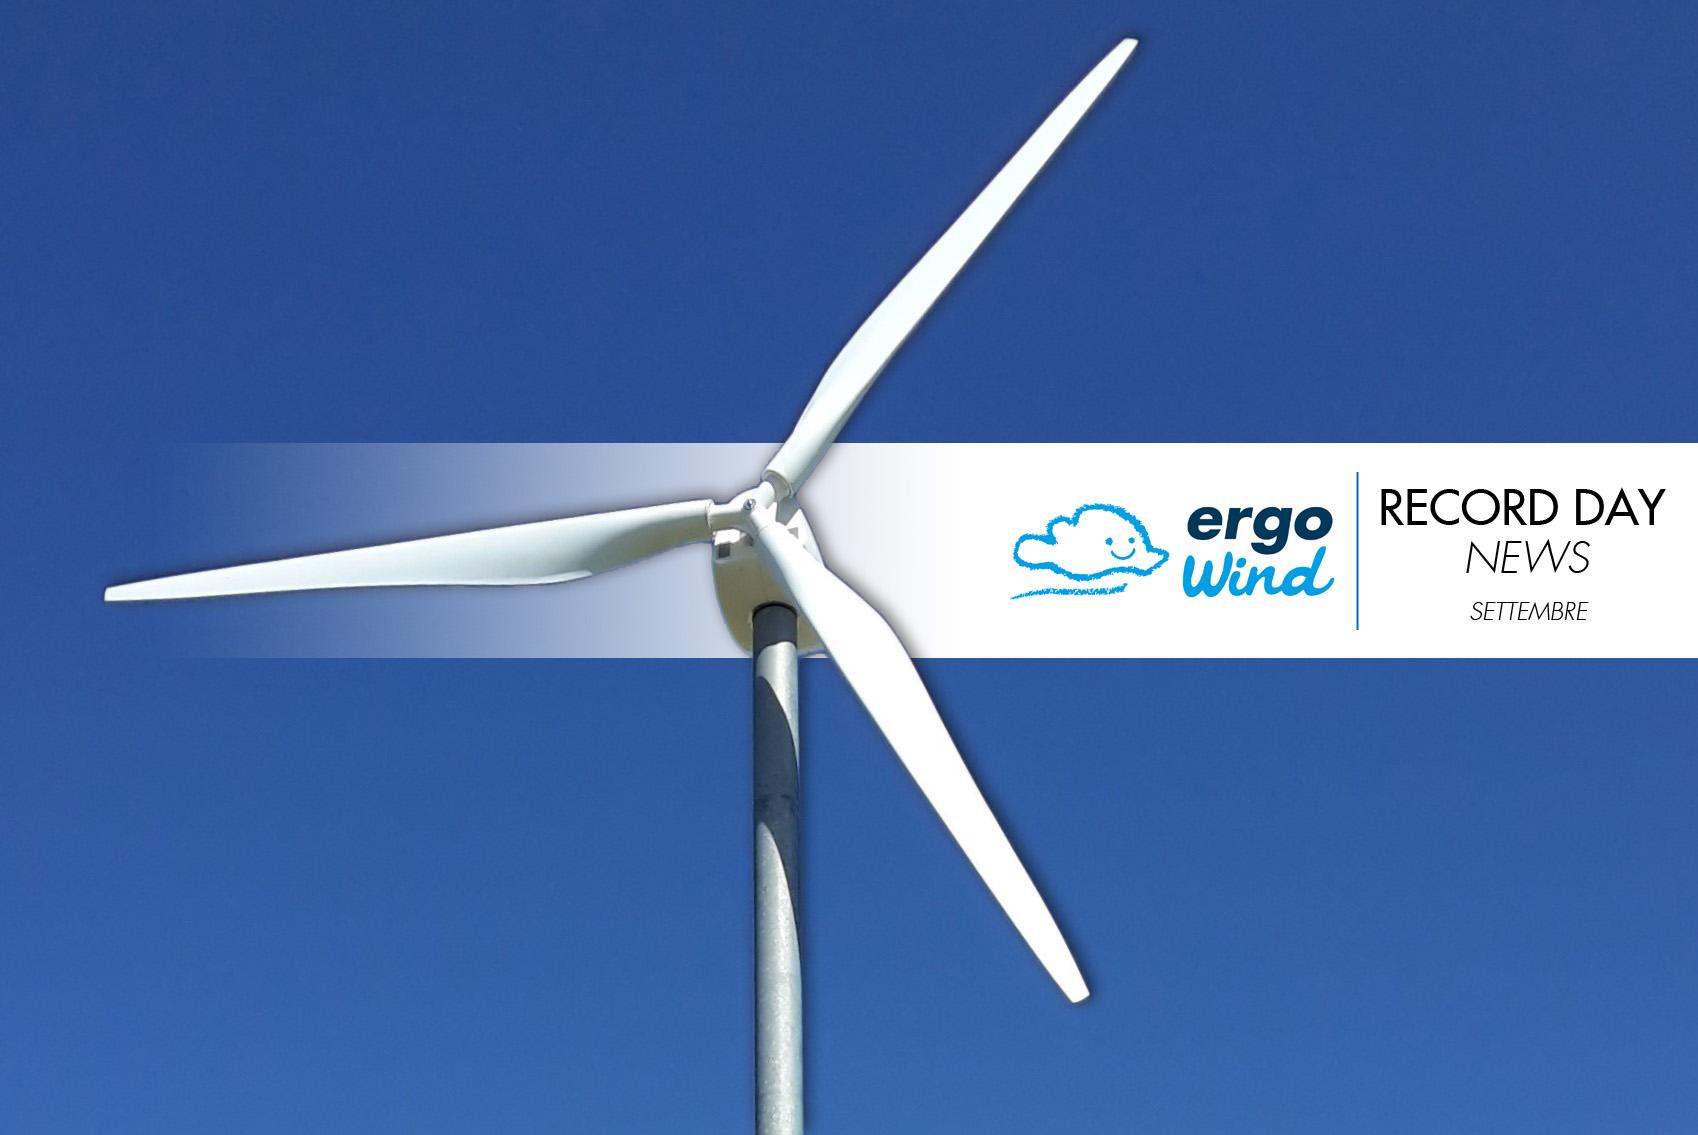 Finita l'estate, inizia il periodo caldo per il mini eolico Ergo Wind!